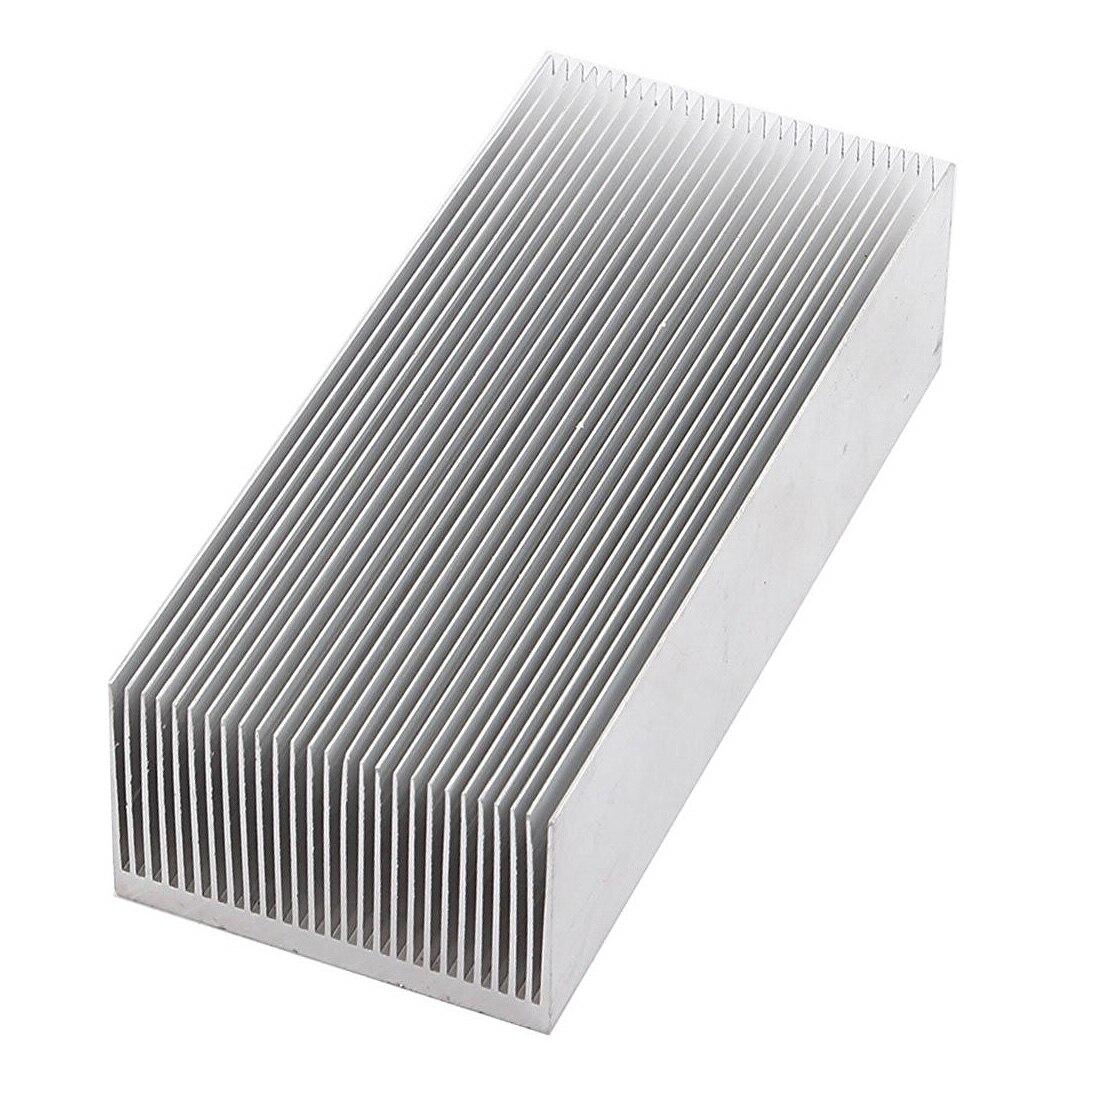 De Chaleur en aluminium Radiateur Radiateur de Refroidissement Fin 150x69x37mm Ton Argent